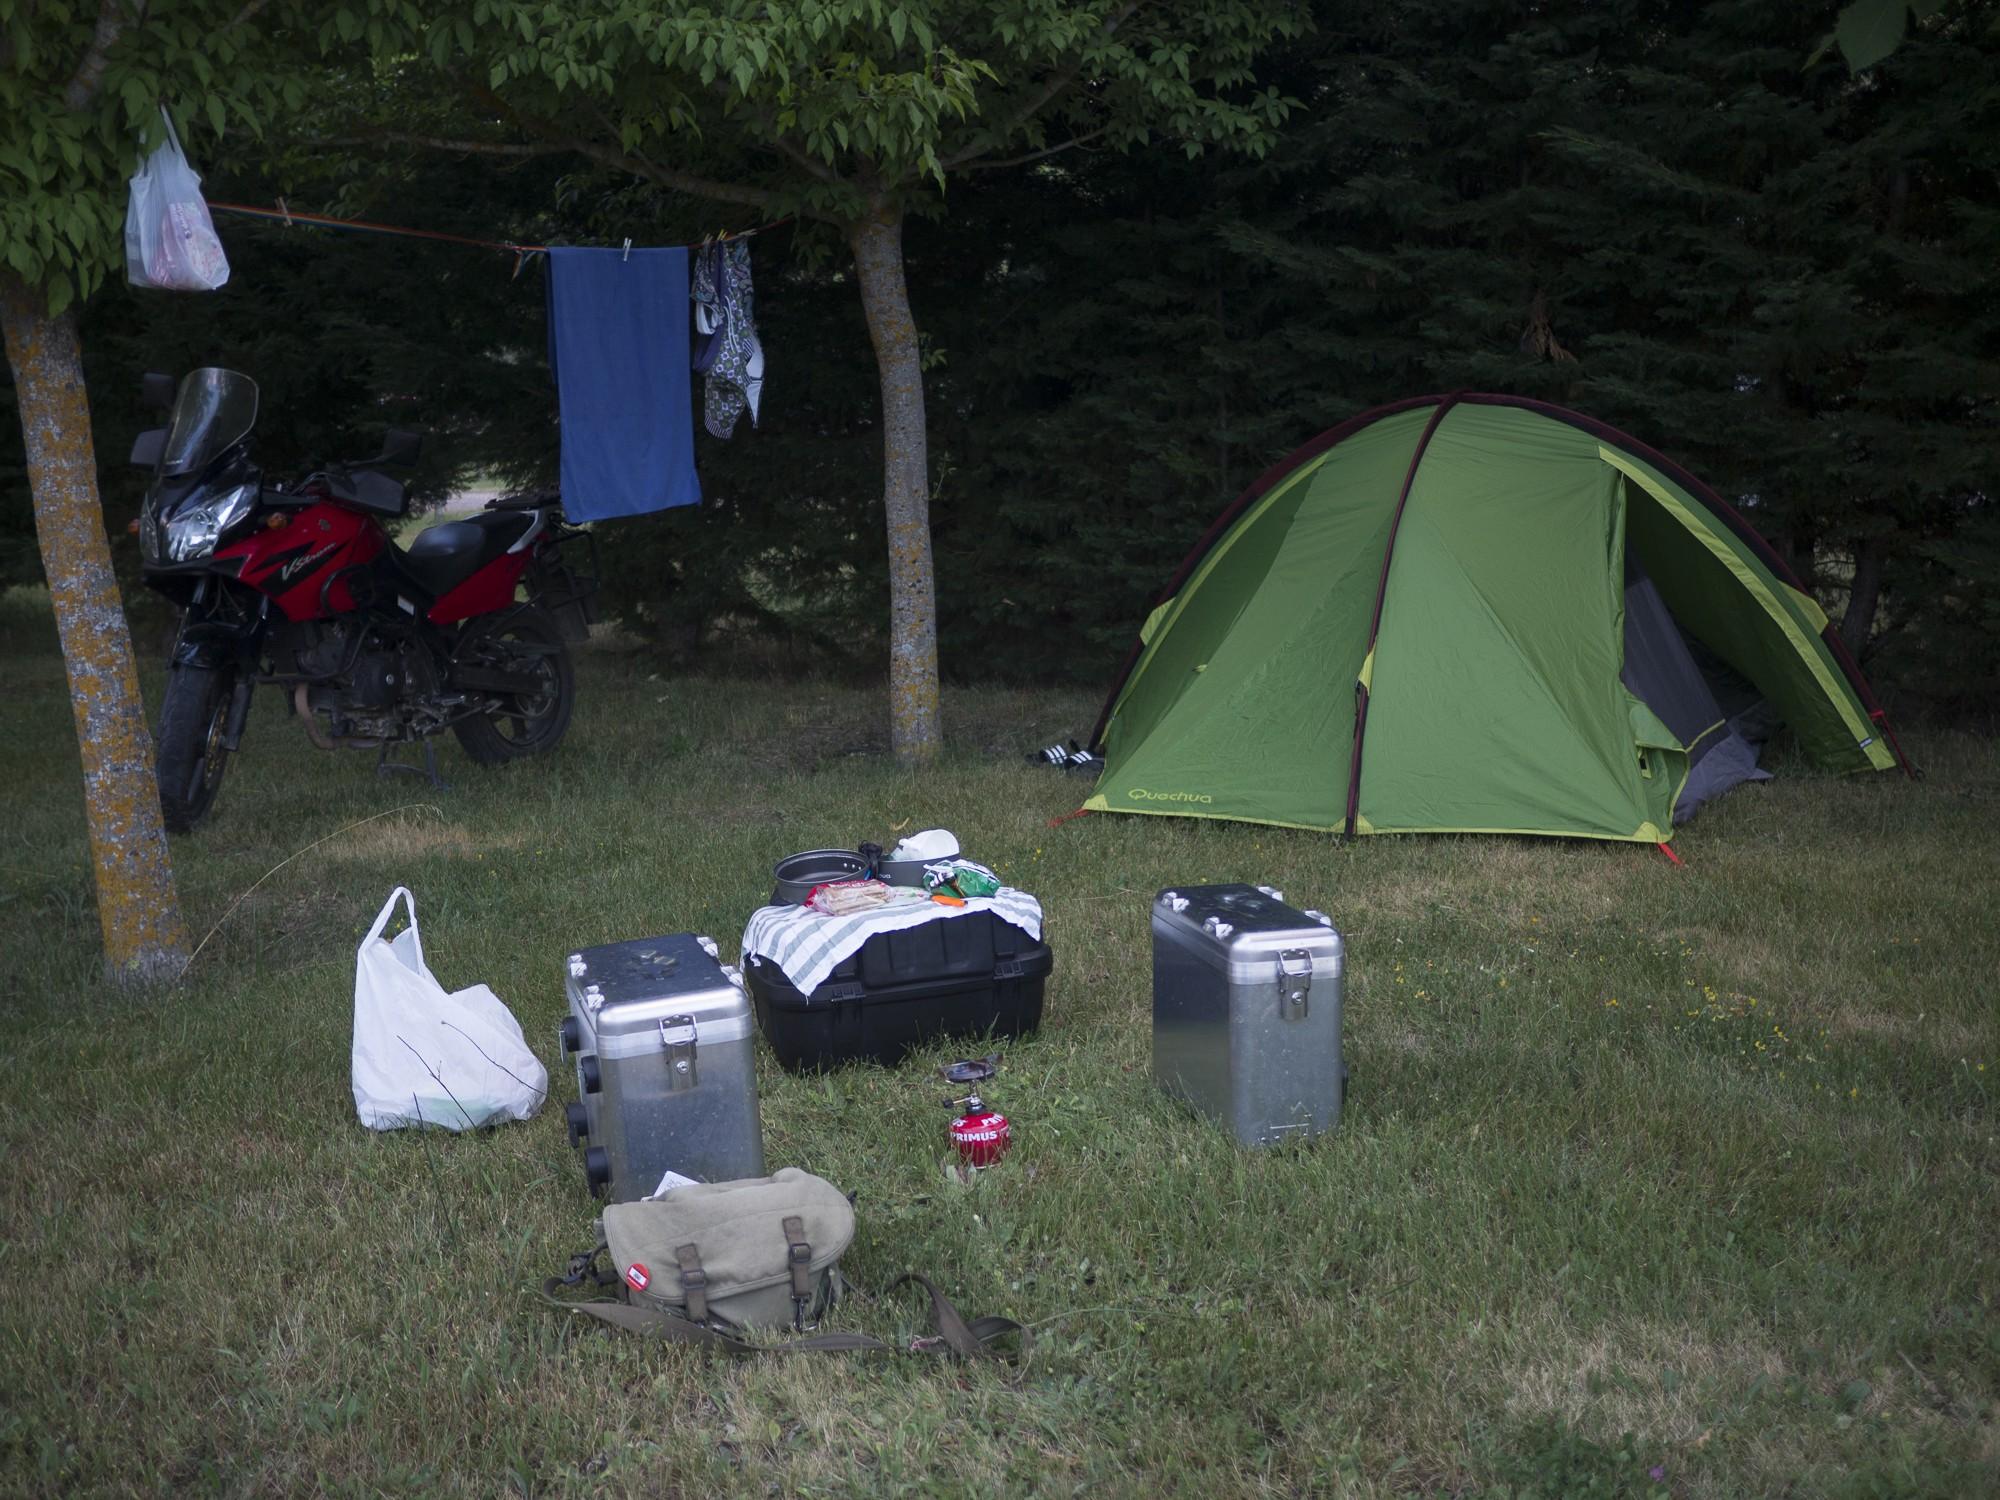 Preparando la cena en uno de los campings antes de que se haga completamente de noche